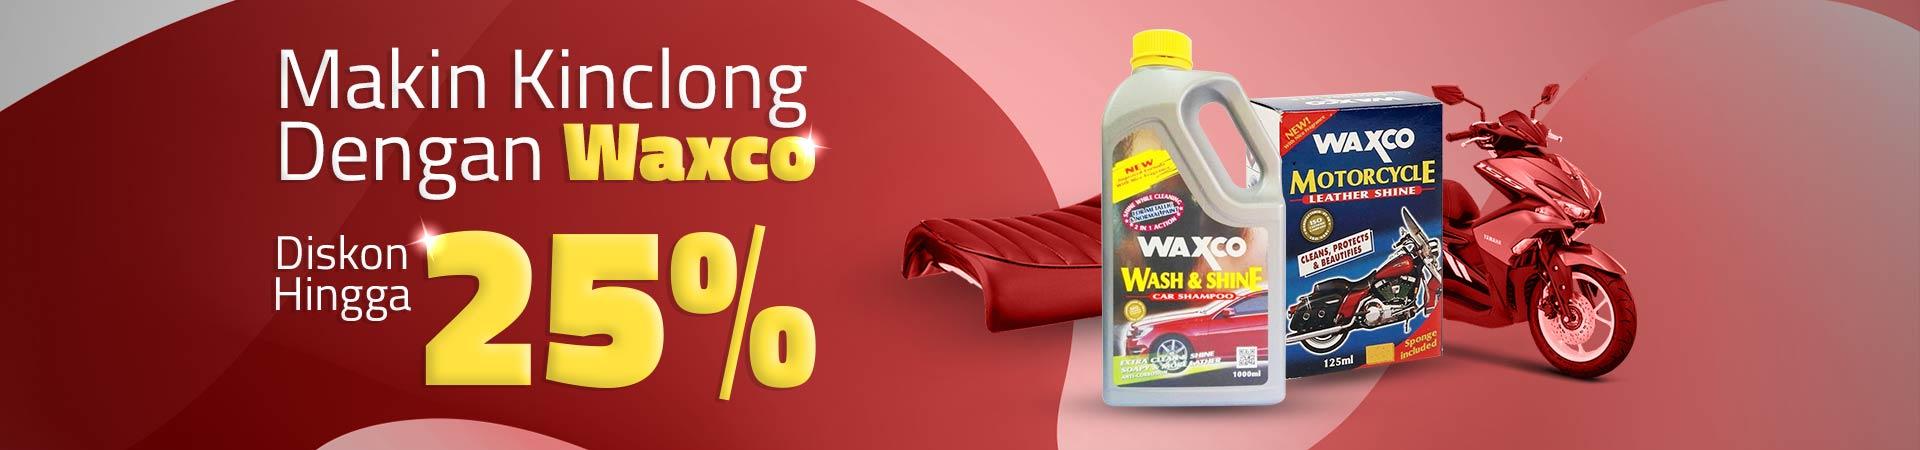 Makin Kinclong Dengan Waxco! Diskon Hingga 25%